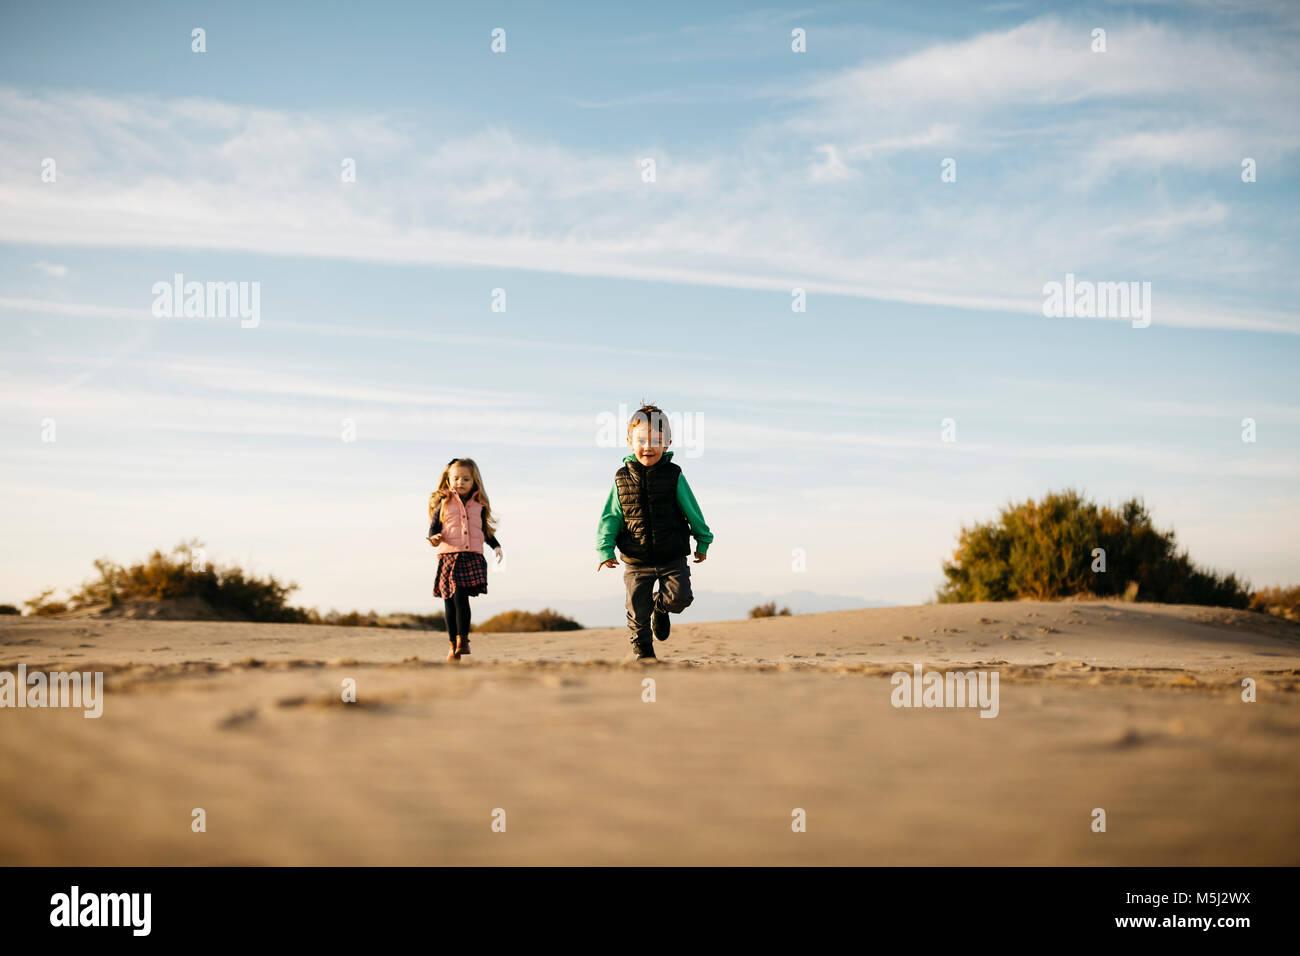 Deux enfants qui courent sur la plage en hiver Photo Stock